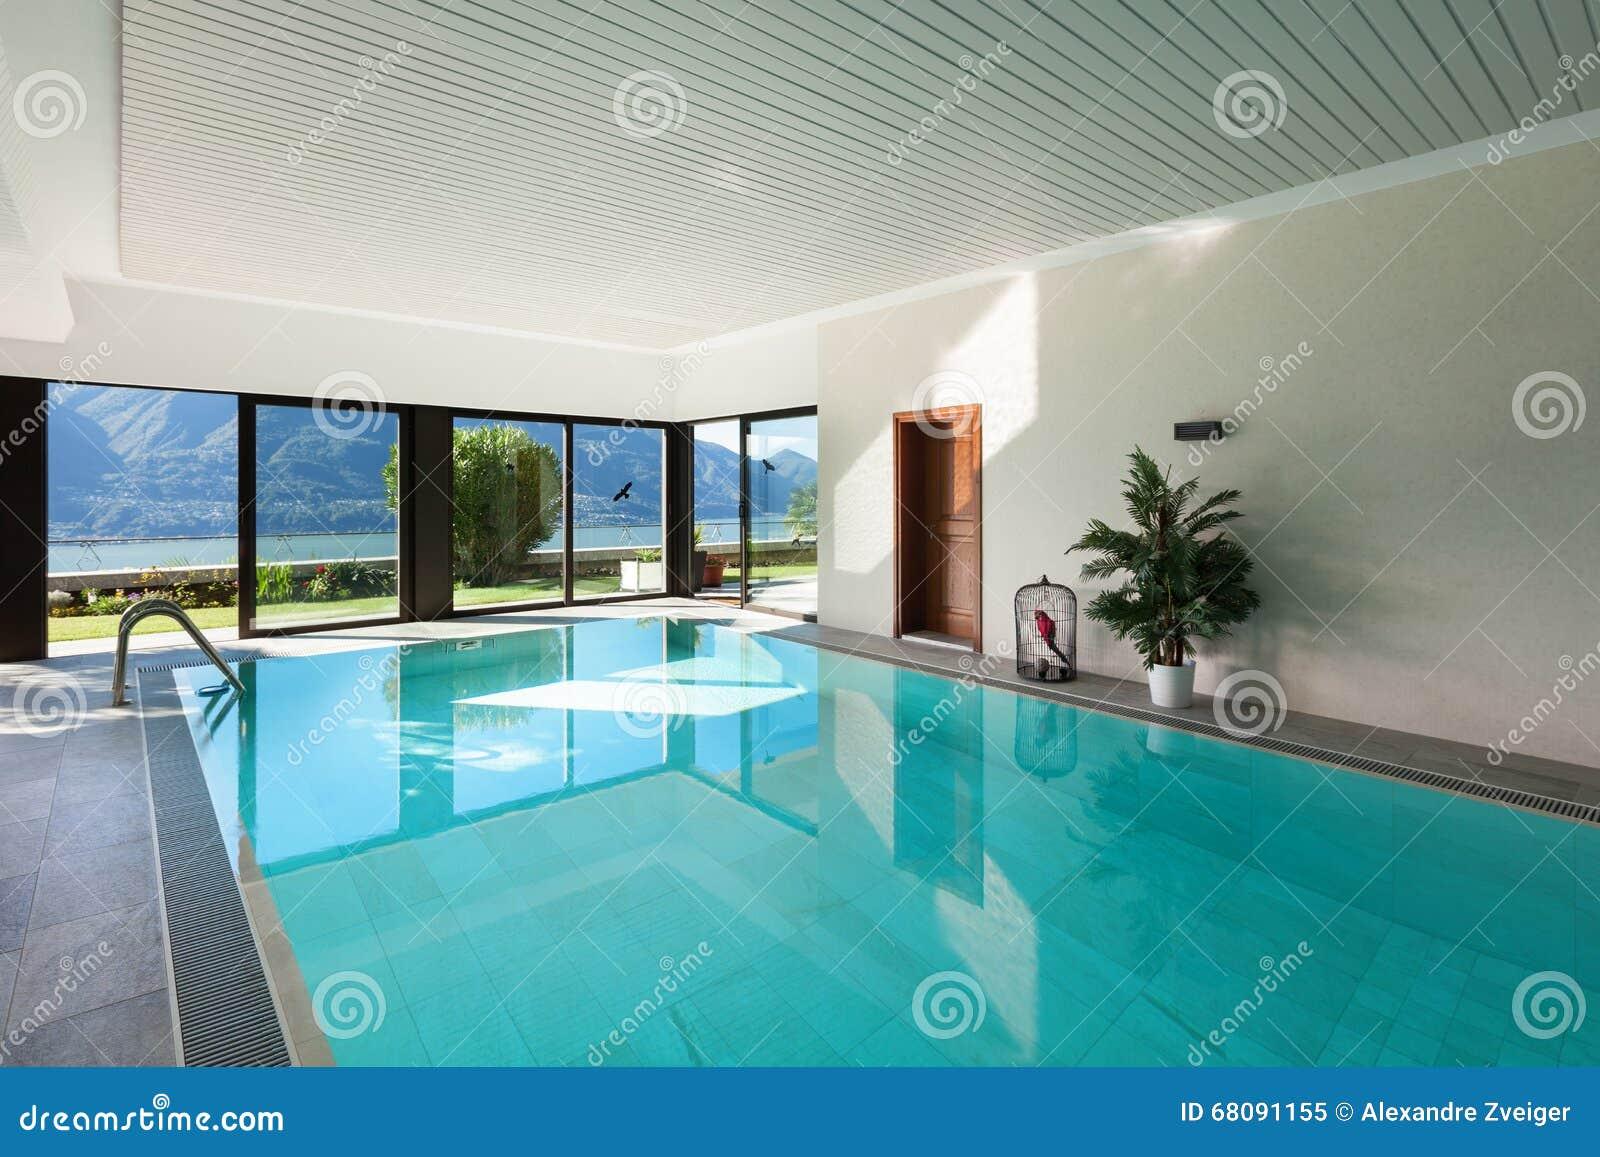 Piscina interna casa simple per chi intende realizzare una piscina interna di soluzioni ce ne - Piscina interna casa ...